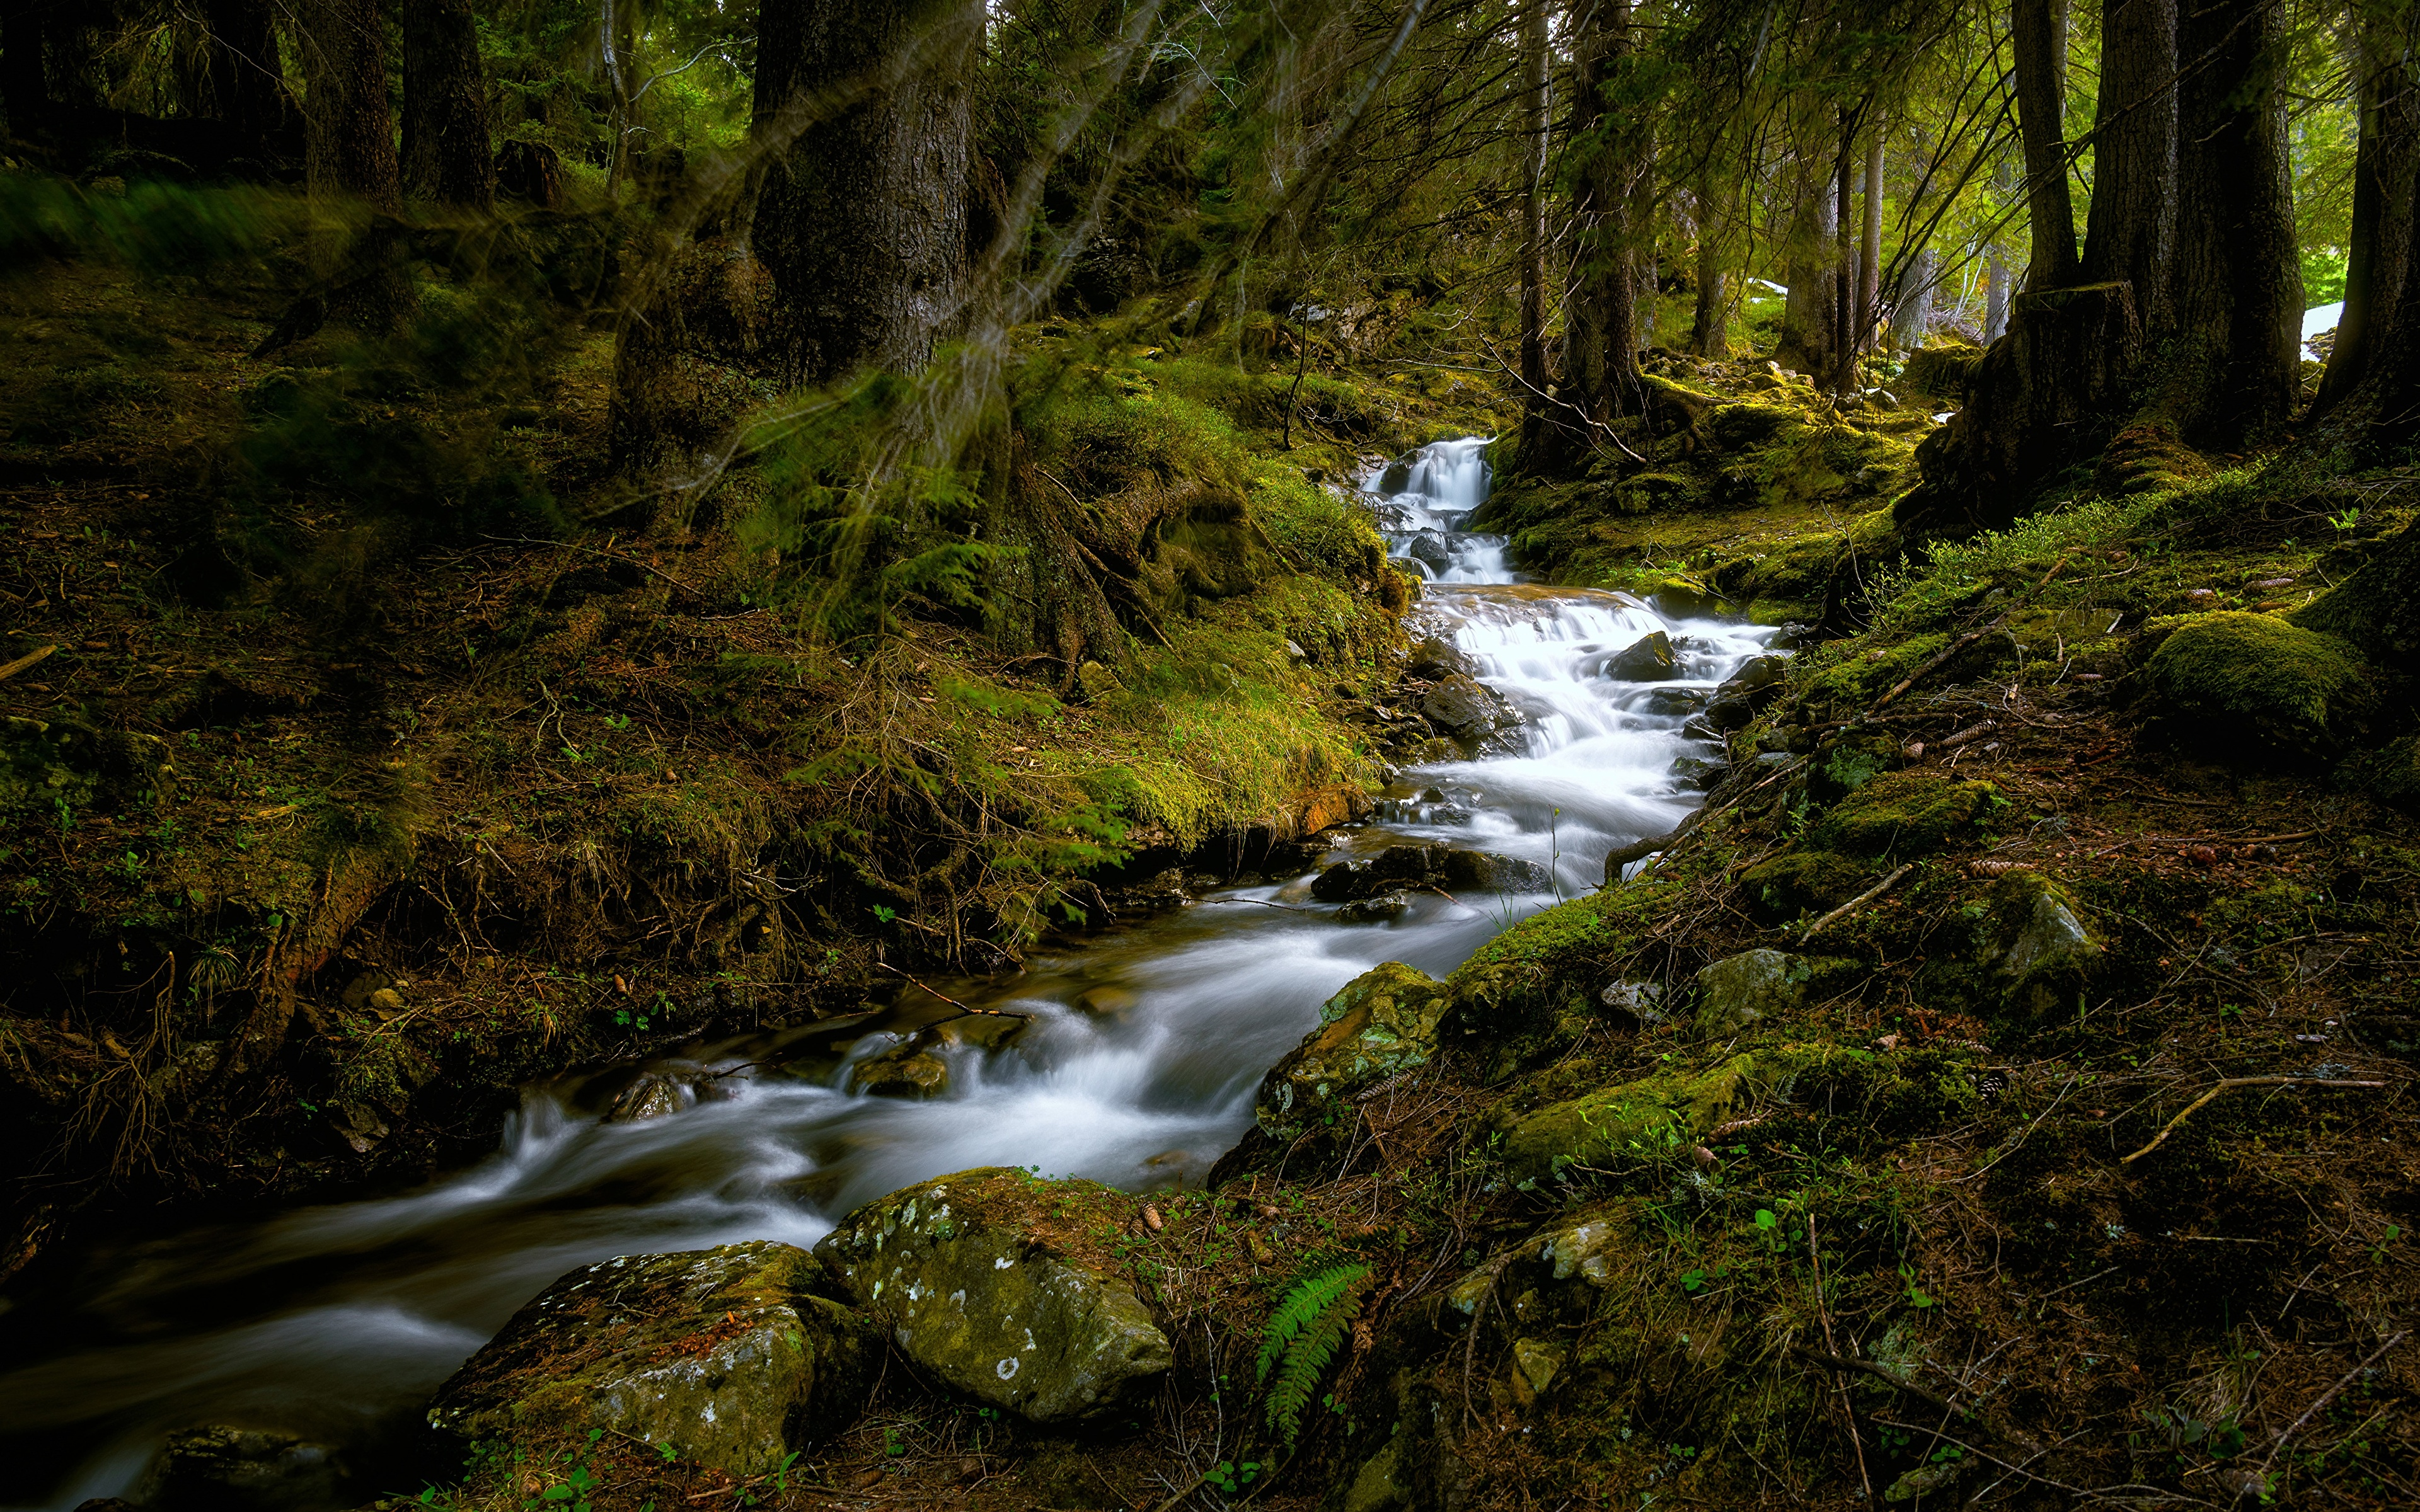 Фотография Швейцария Büelbach Ручей Природа Леса мха Камни дерево 3840x2400 ручеек лес Мох мхом Камень дерева Деревья деревьев